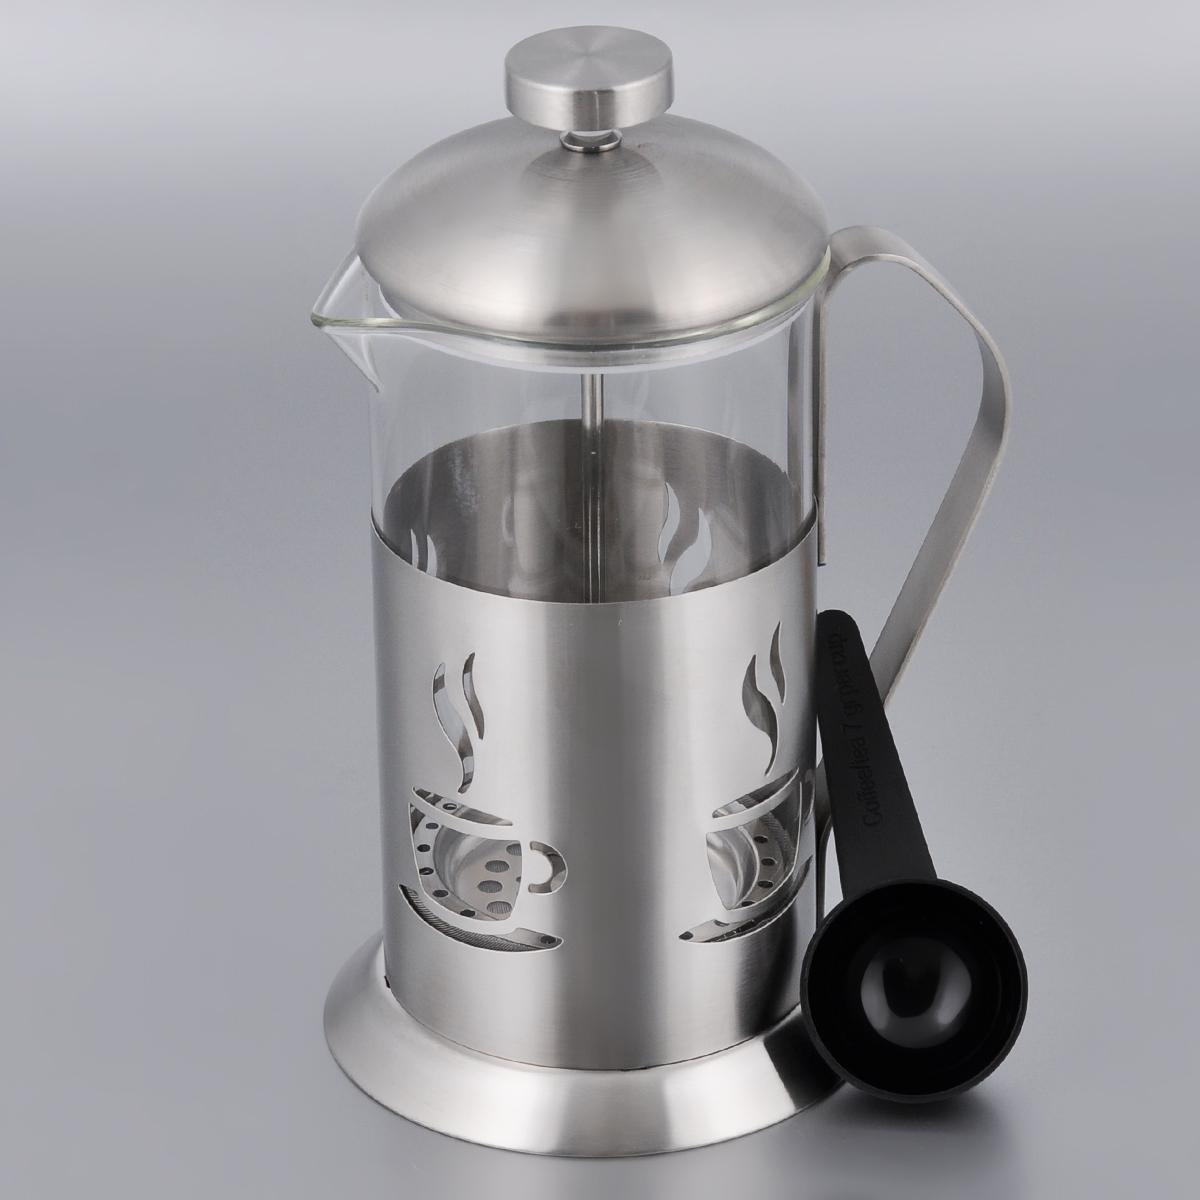 Заварник френч-пресс BergHOFF Cook&Co, цвет: прозрачный, металлик, 0,6 л2800126Поршневой заварник BergHOFF Cook&Co выполнен из нержавеющей стали и стекла. Отлично подходит для заваривания любых сортов кофе, без проблем справится с любым помолом кофе. Помимо кофе, во френч-прессе можно заварить чай. Наружная крышка из нержавеющей стали. К заварнику прилагается небольшая пластиковая ложка. Подходит для использования в посудомоечной машине. Объем: 600 мл. Диаметр (по верхнему краю): 9 см. Высота: 17 см.